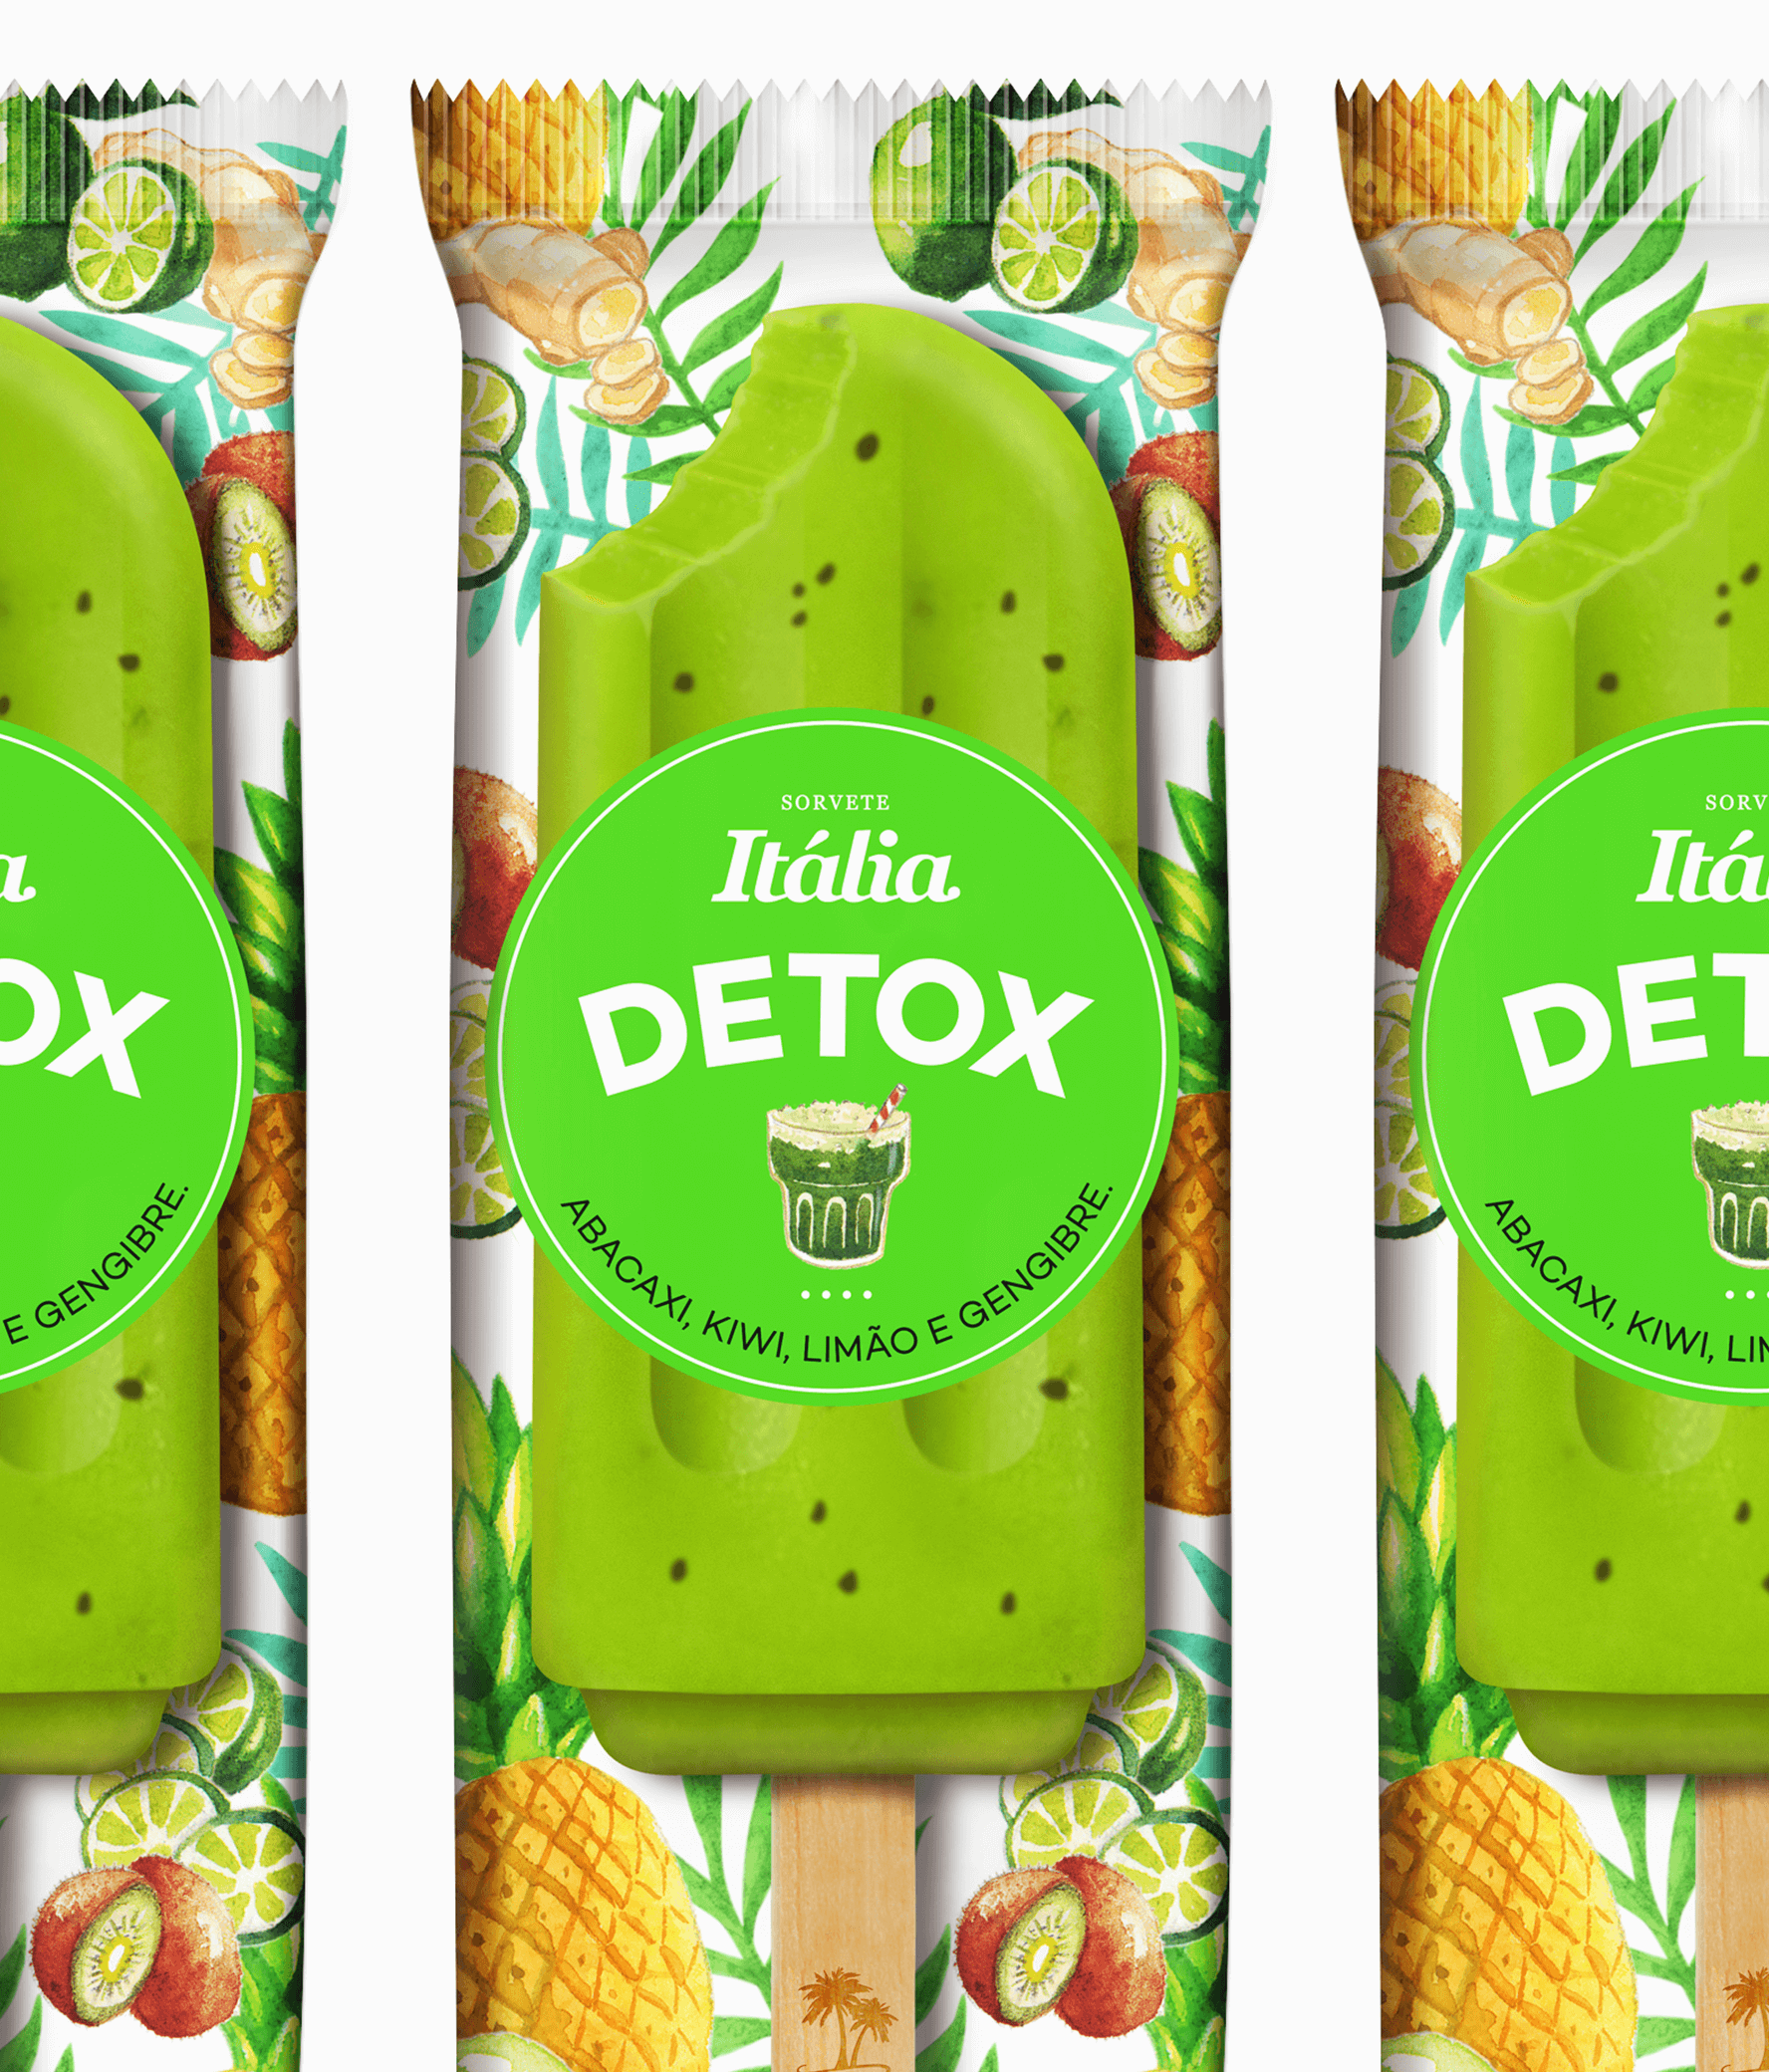 Itália Ice Cream Detox